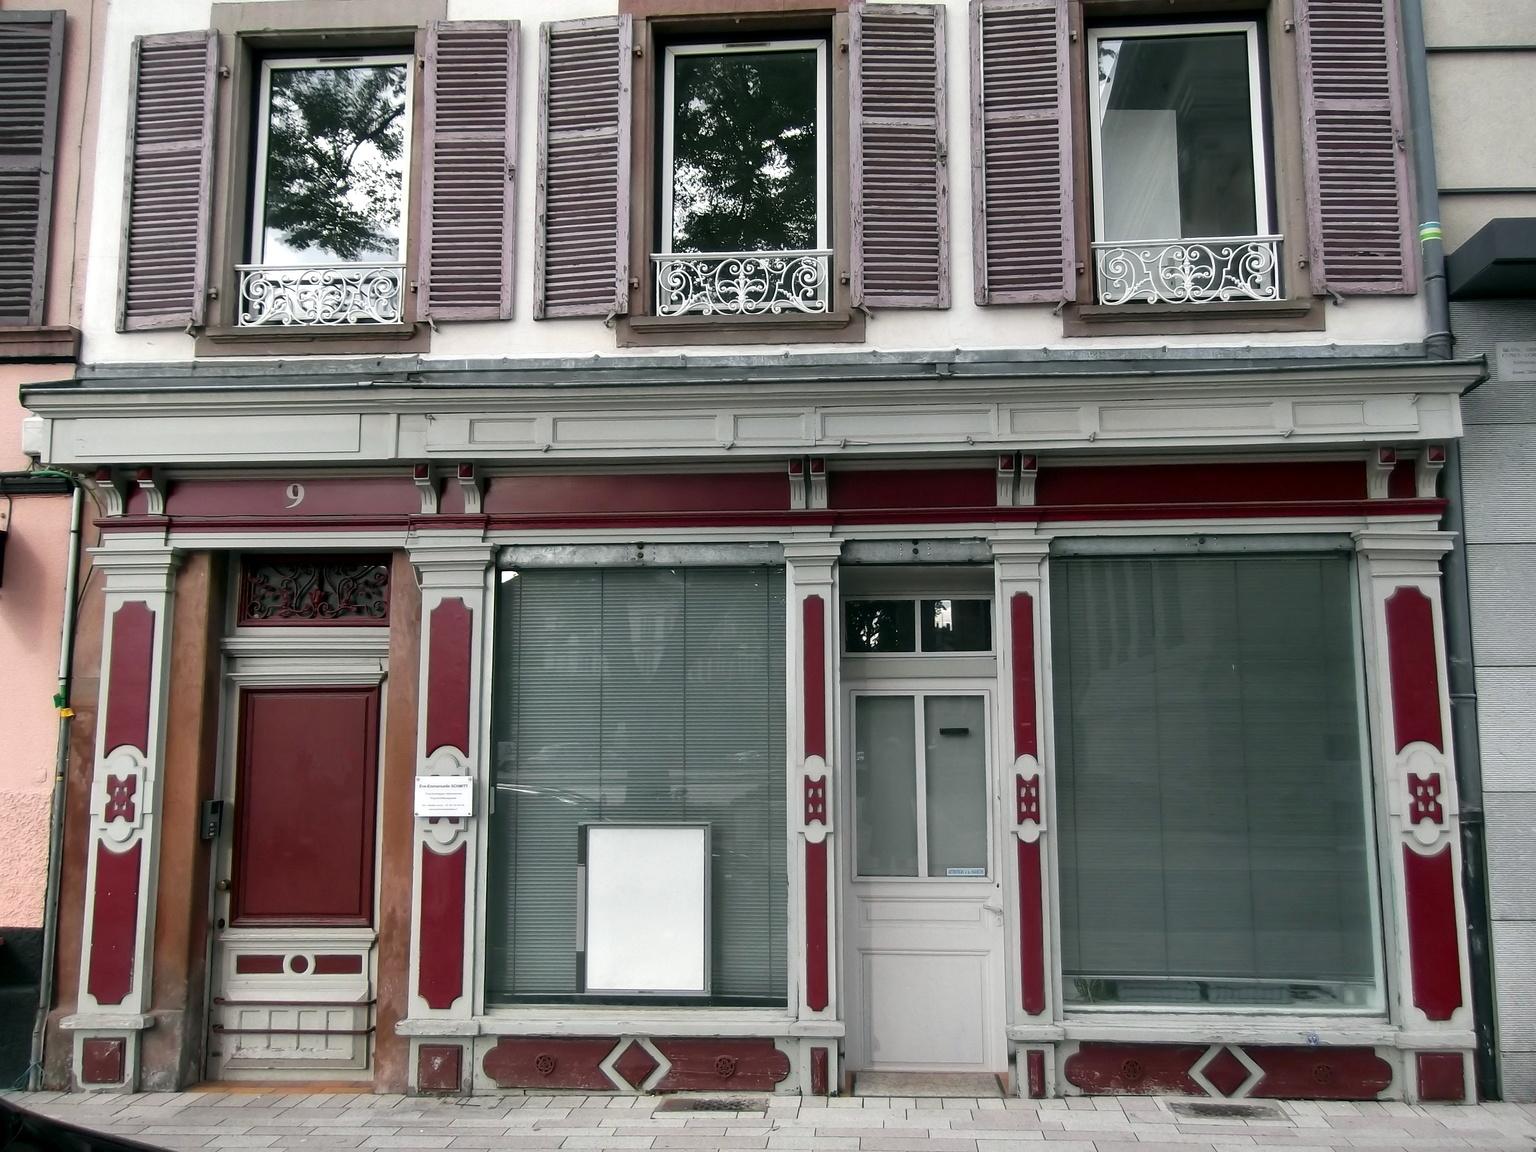 Portail Des Flandres Salome maisons de strasbourg » résultats de recherche » 27 quai des